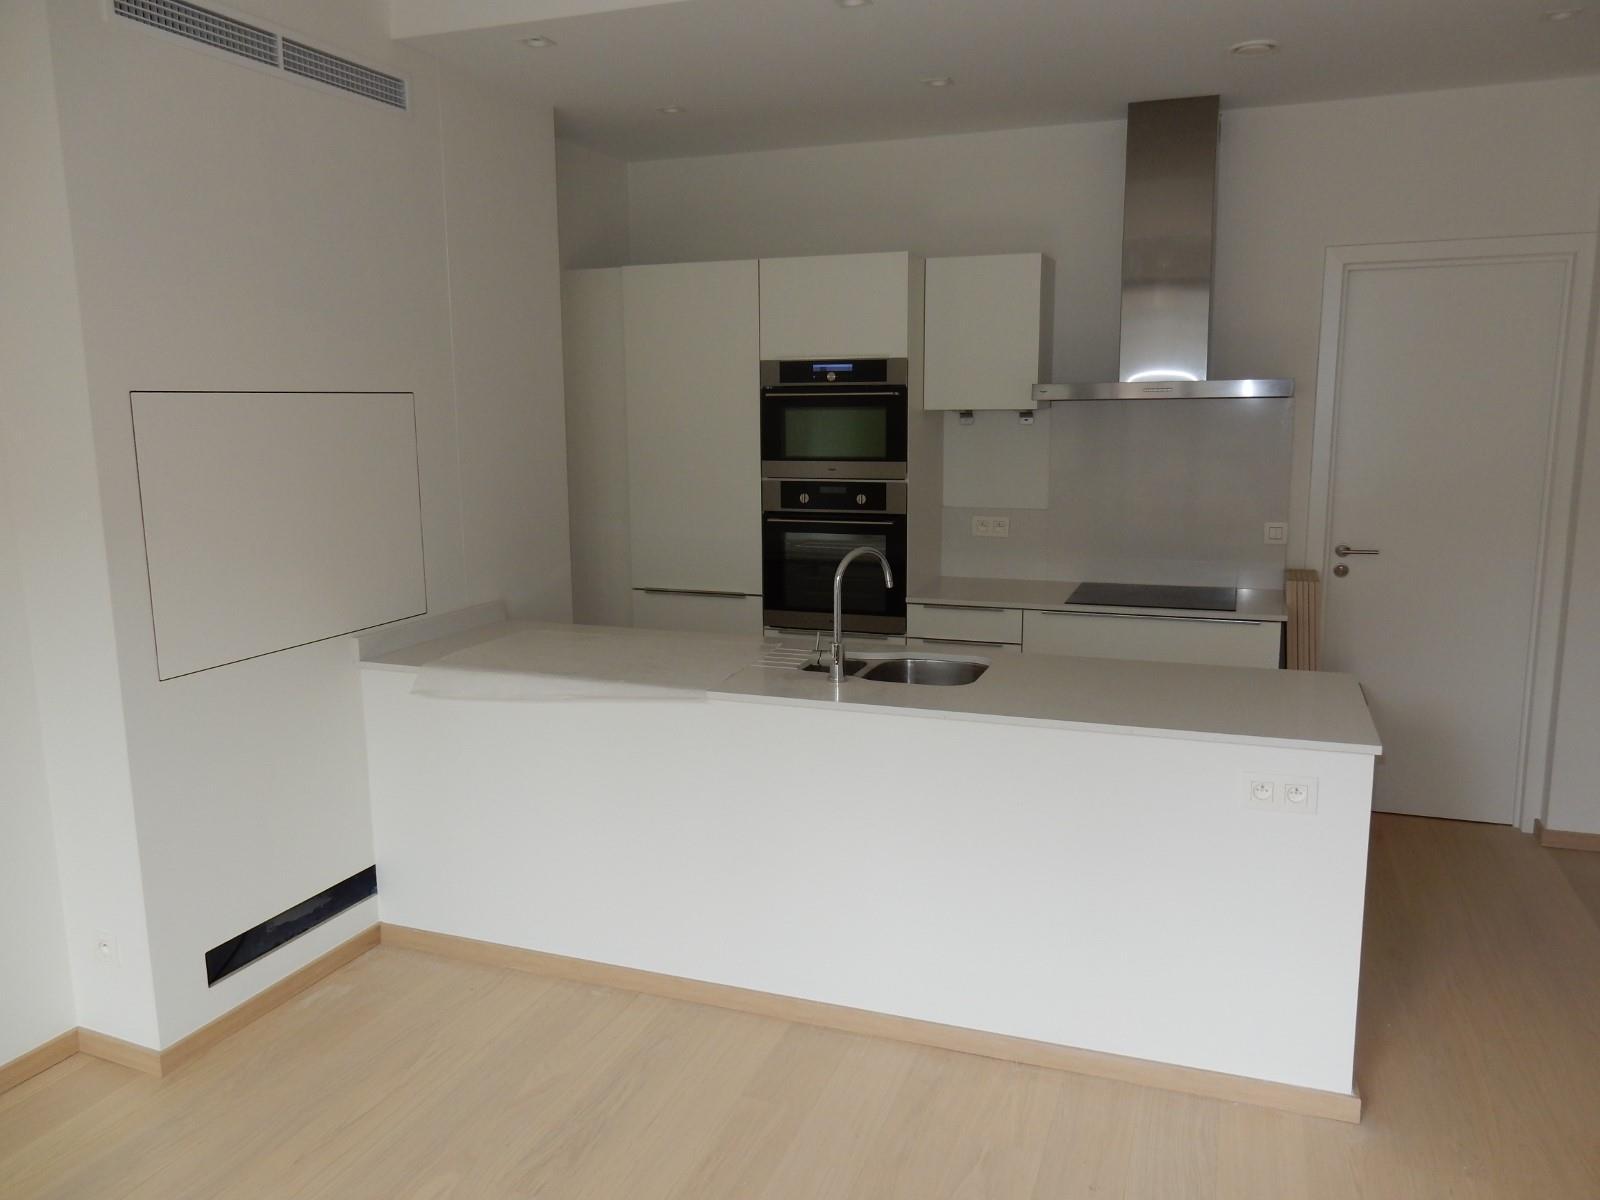 Appartement exceptionnel - Ixelles - #3791385-12